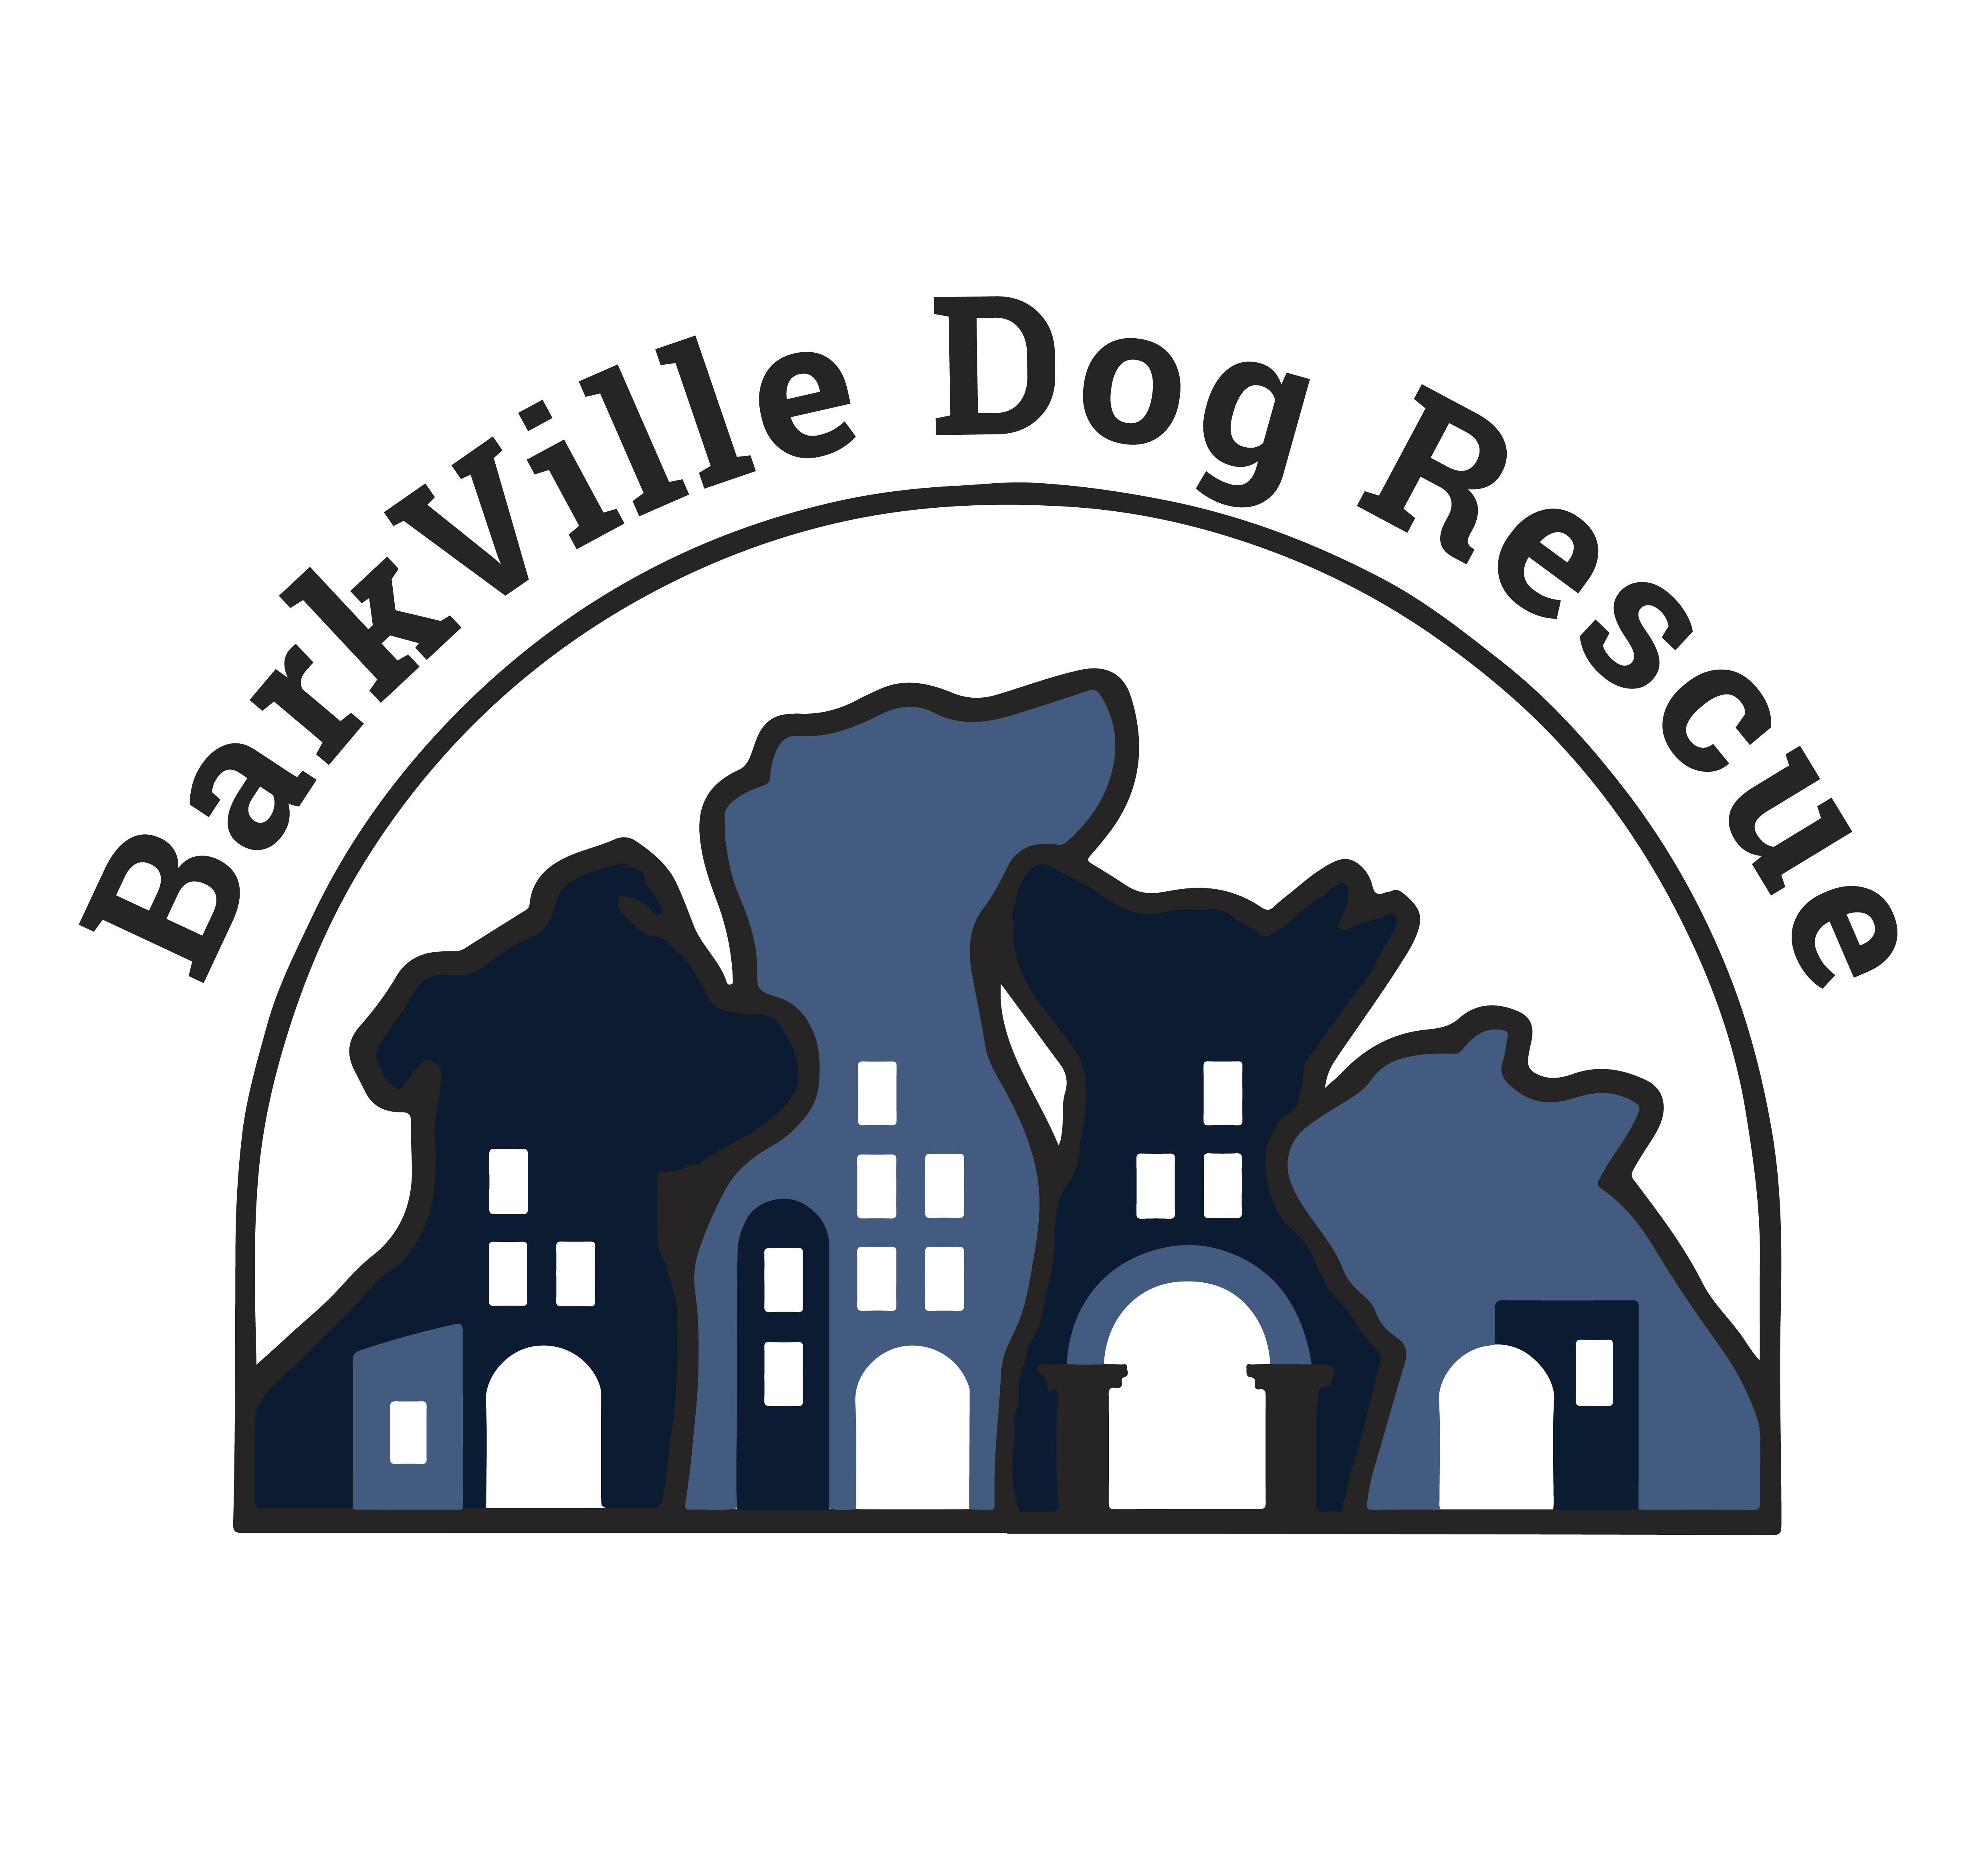 BarkVille Dog Rescue